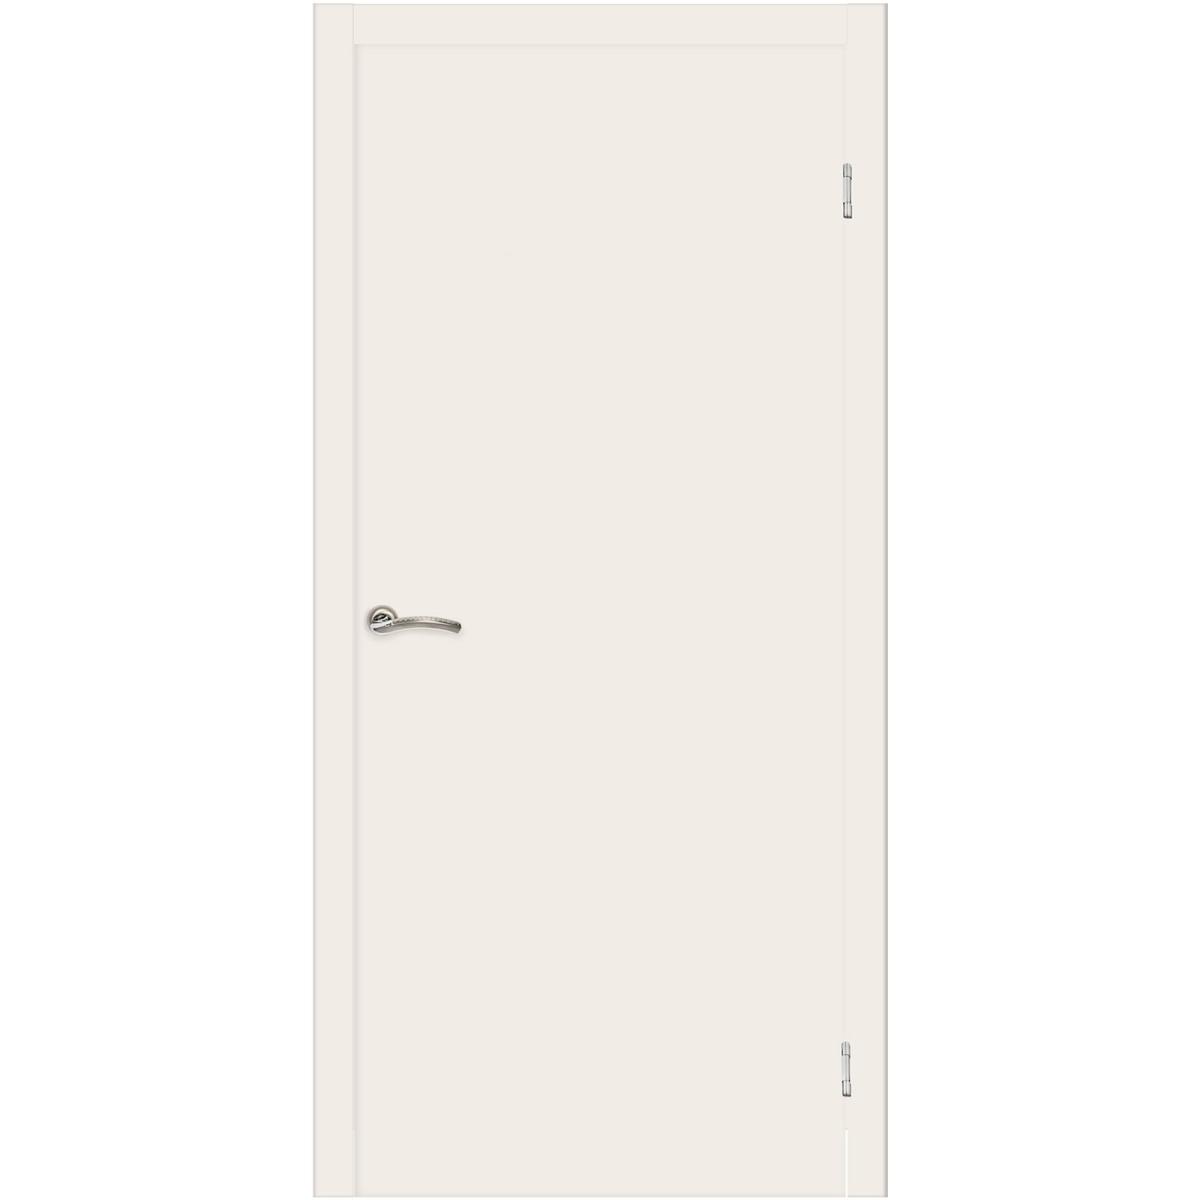 Дверь Межкомнатная Глухая 90x200 Ламинация Цвет Белый